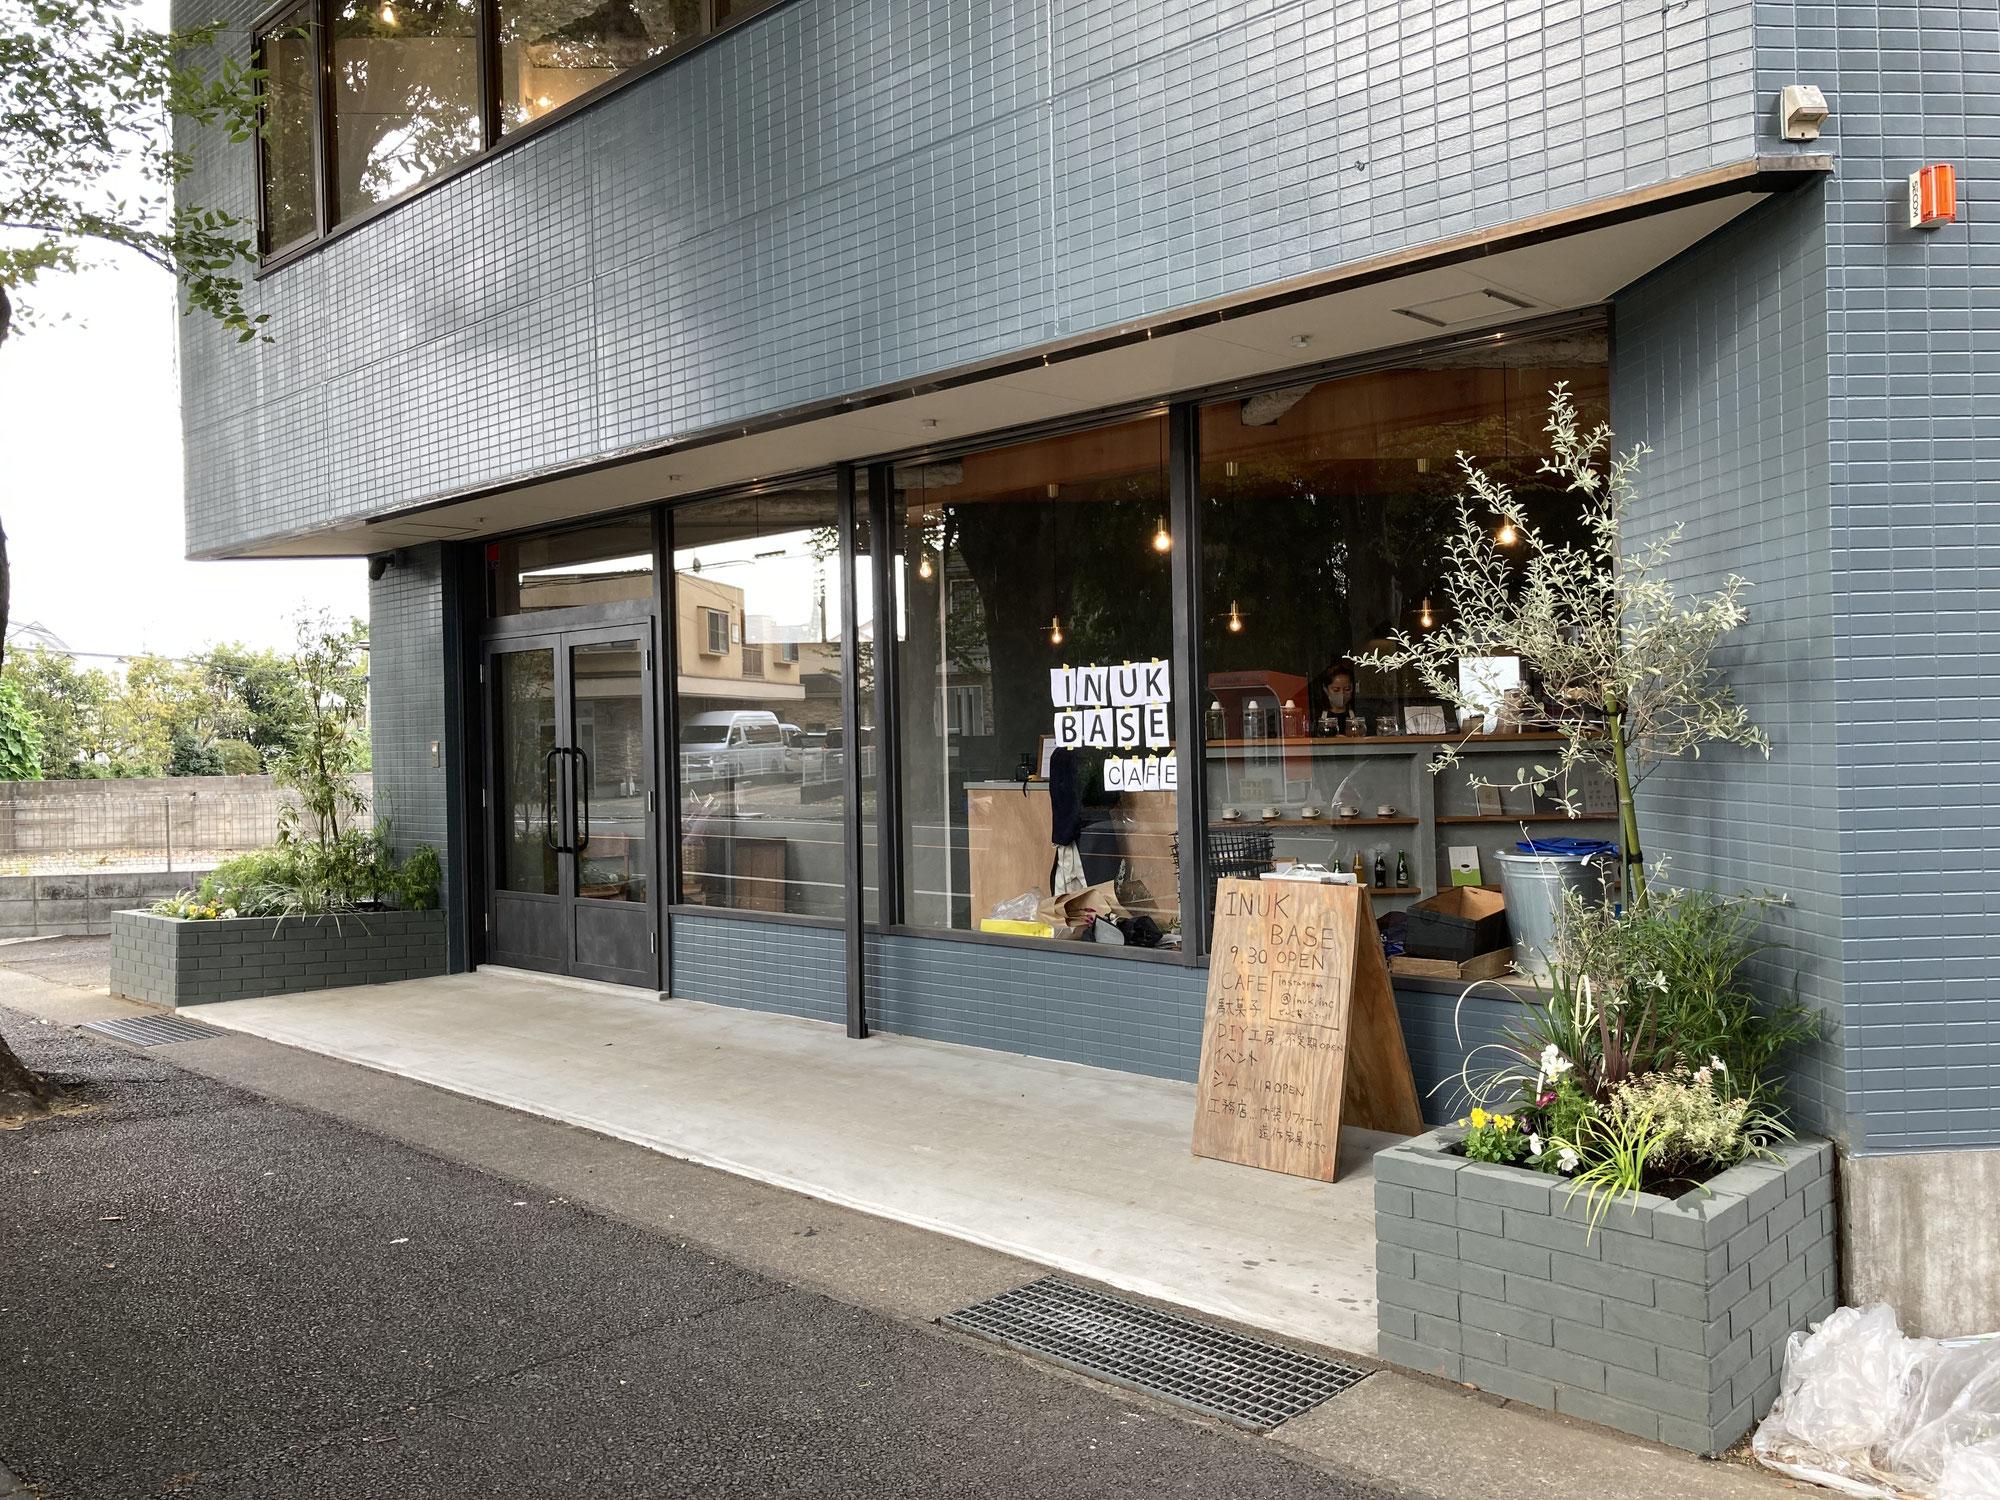 川崎市宮前区のINUK BASE(イヌキベース)の店頭植栽工事。